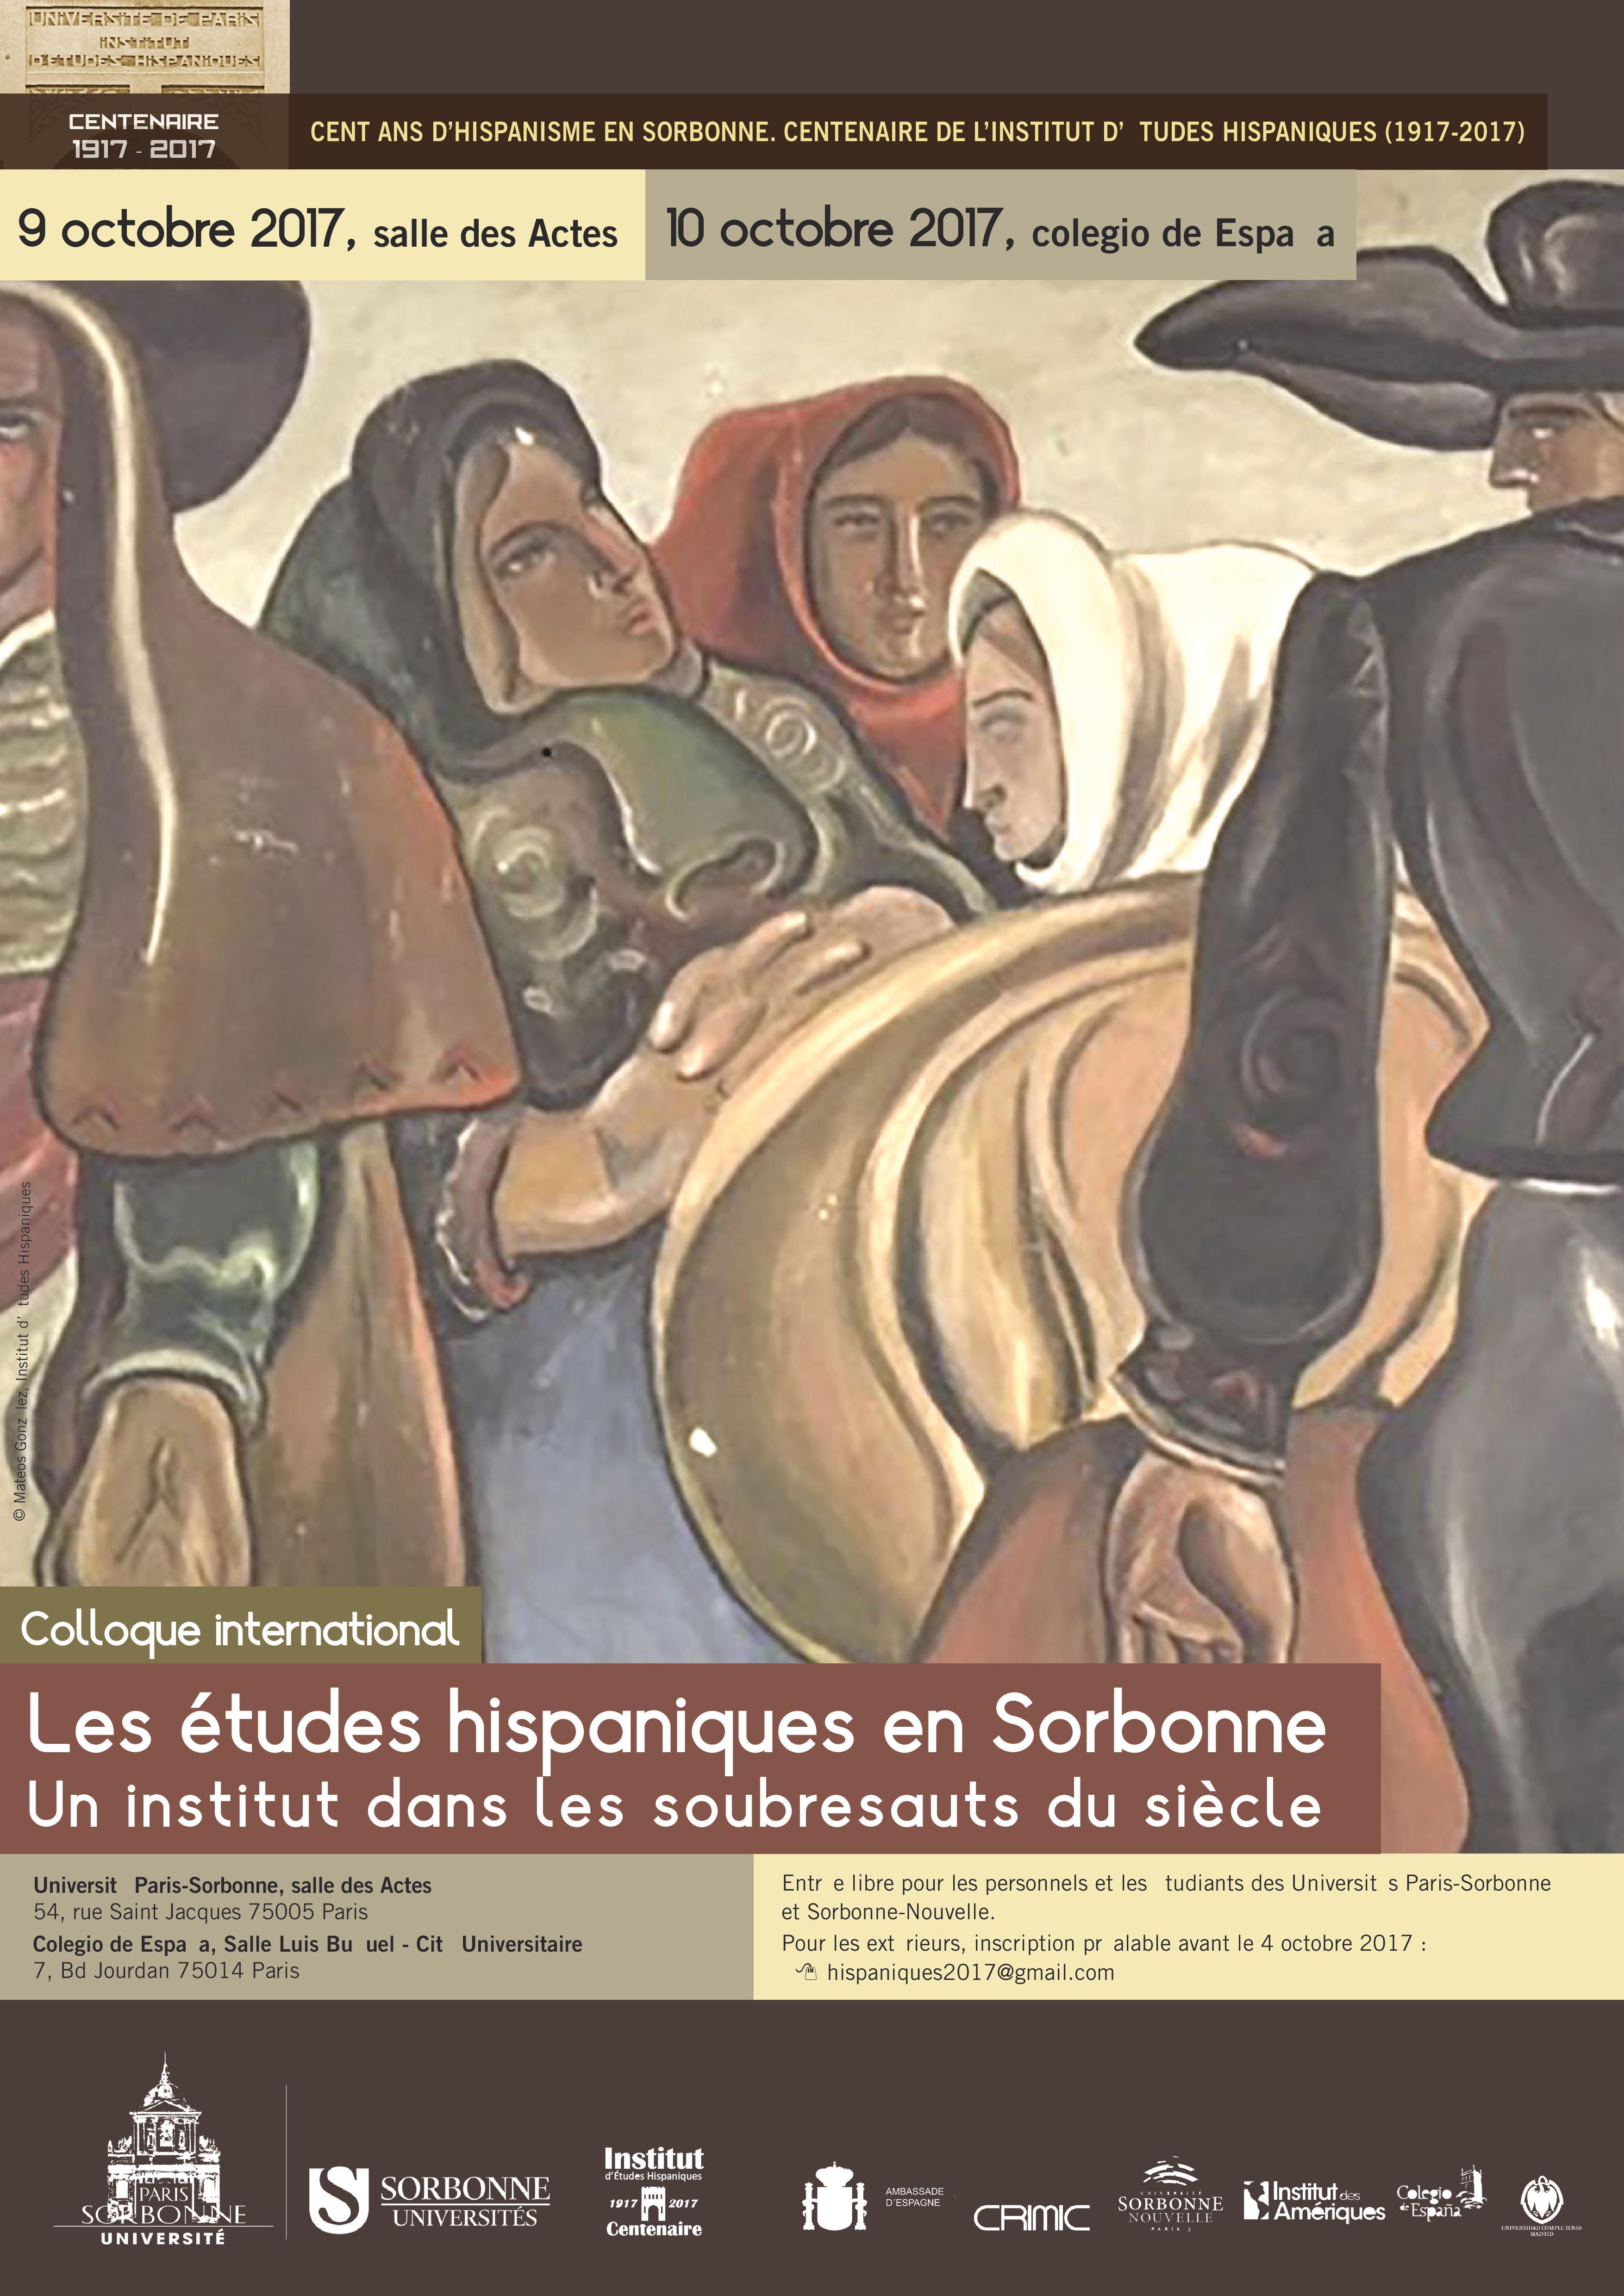 Les études hispaniques en Sorbonne : un Institut dans les soubresauts du siècle